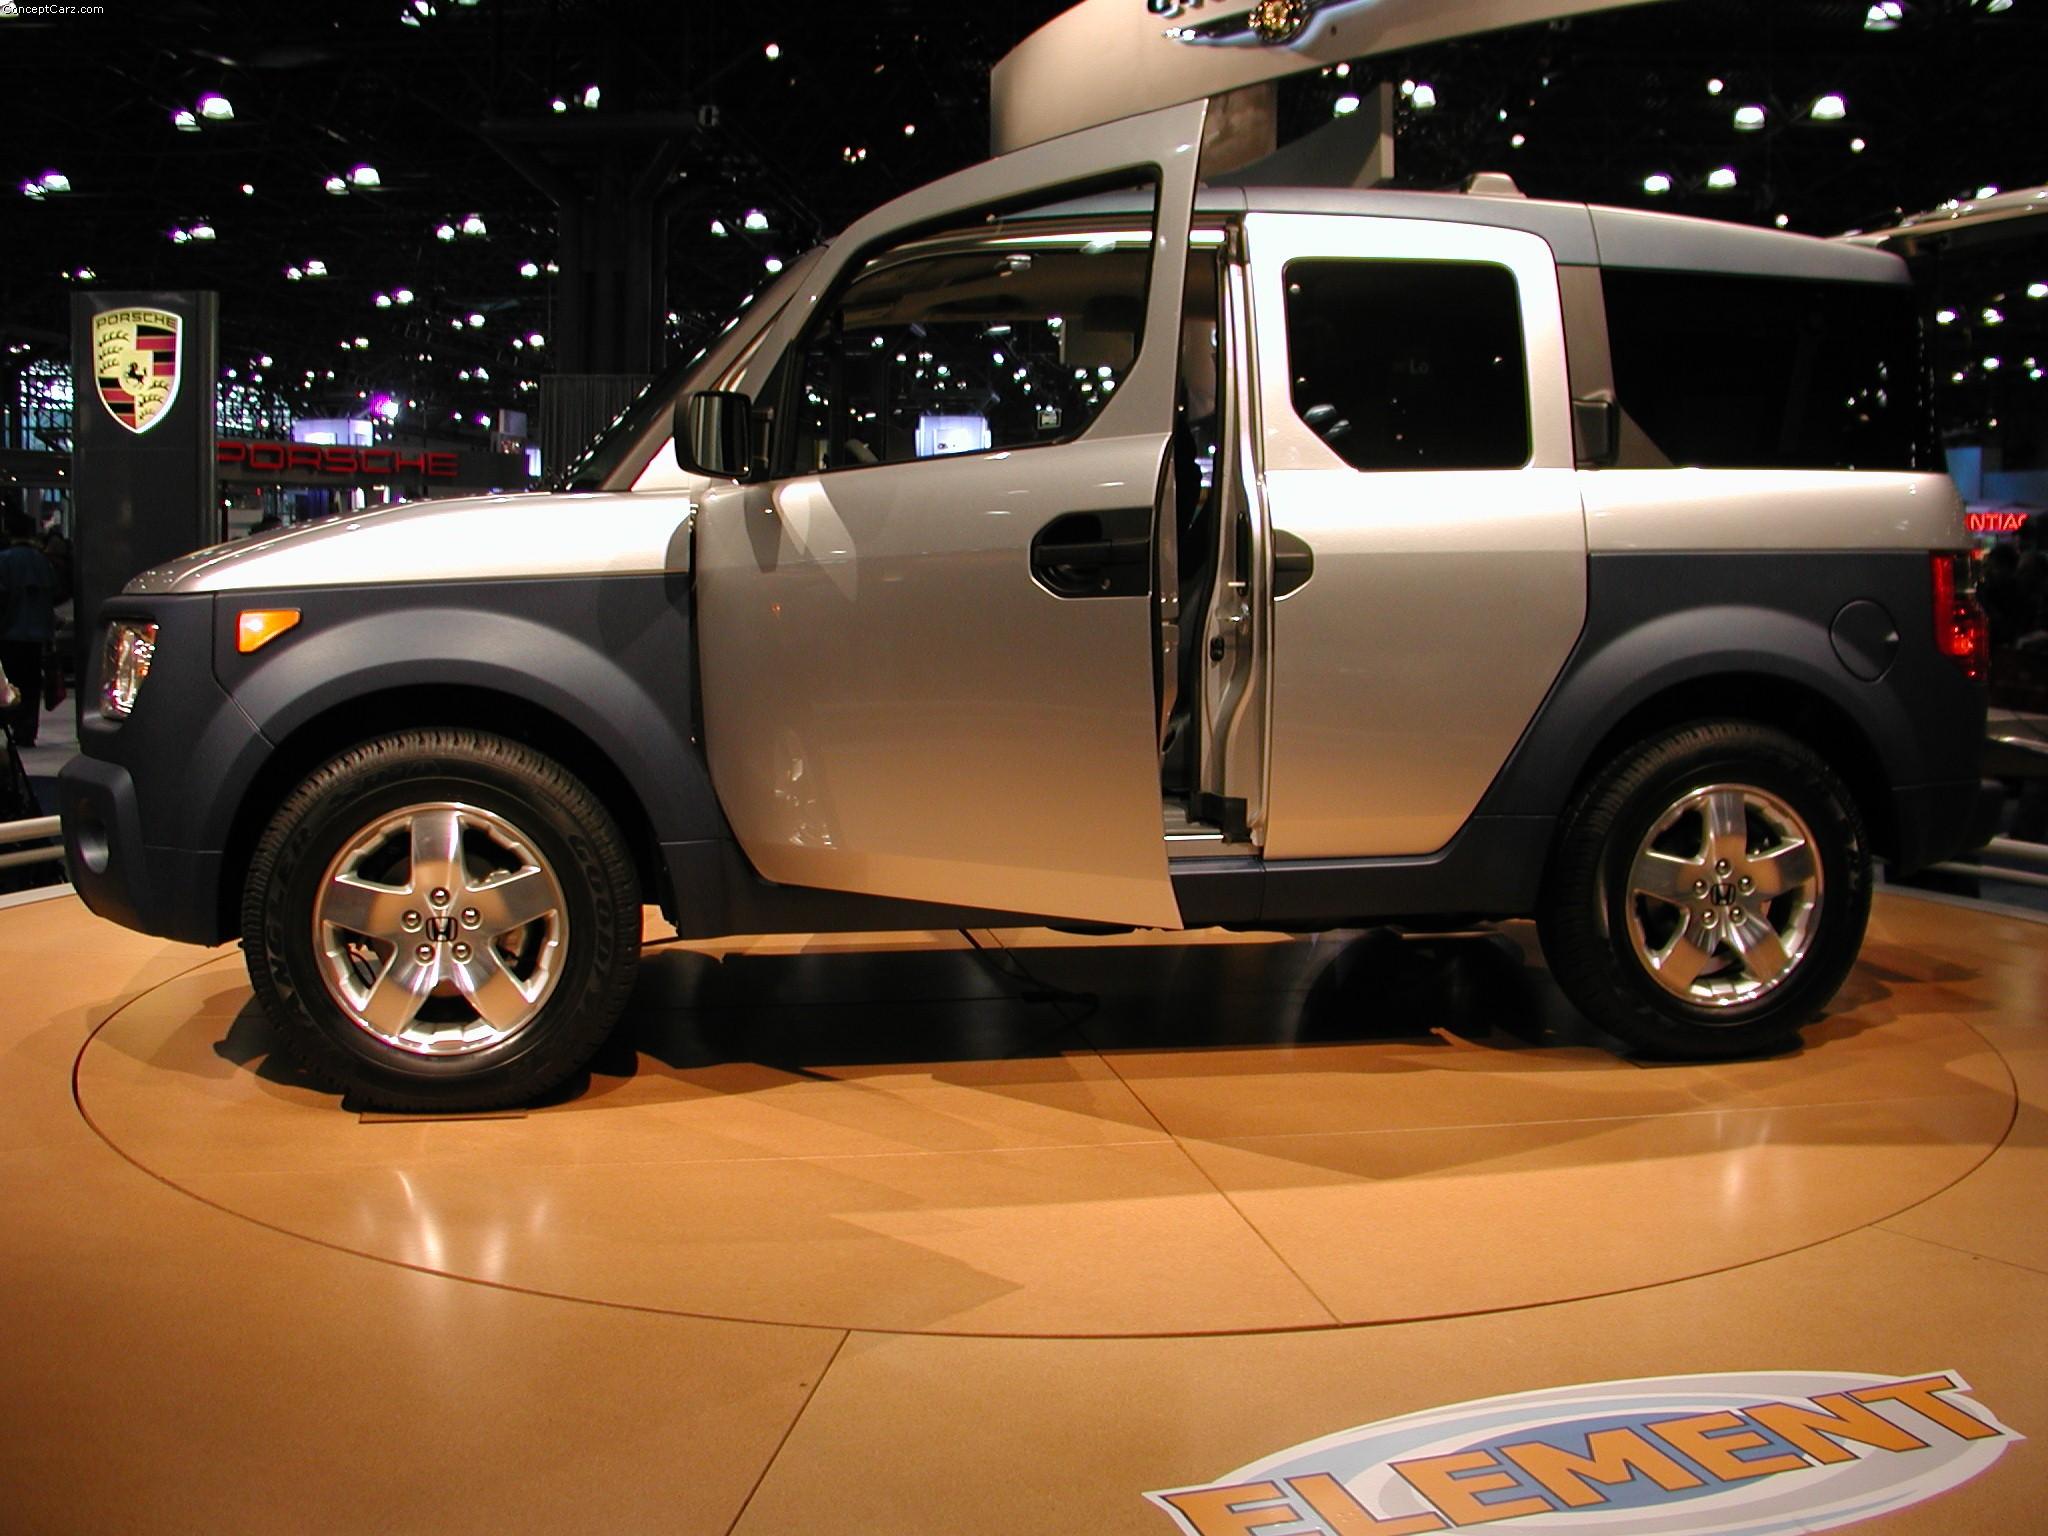 2003 Honda Element | conceptcarz.com